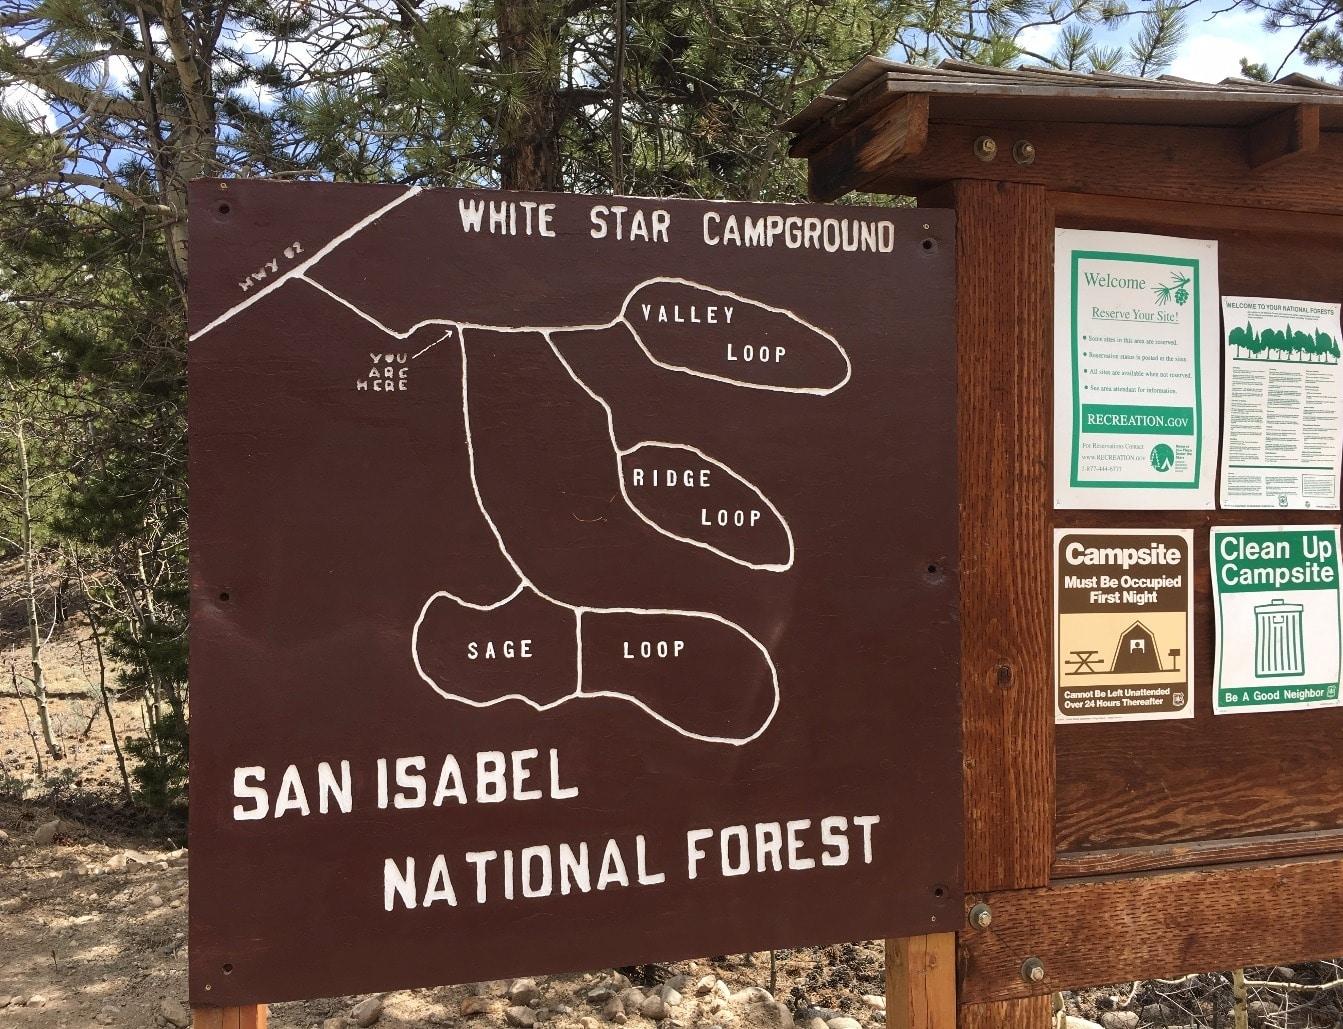 Whitestar campground map